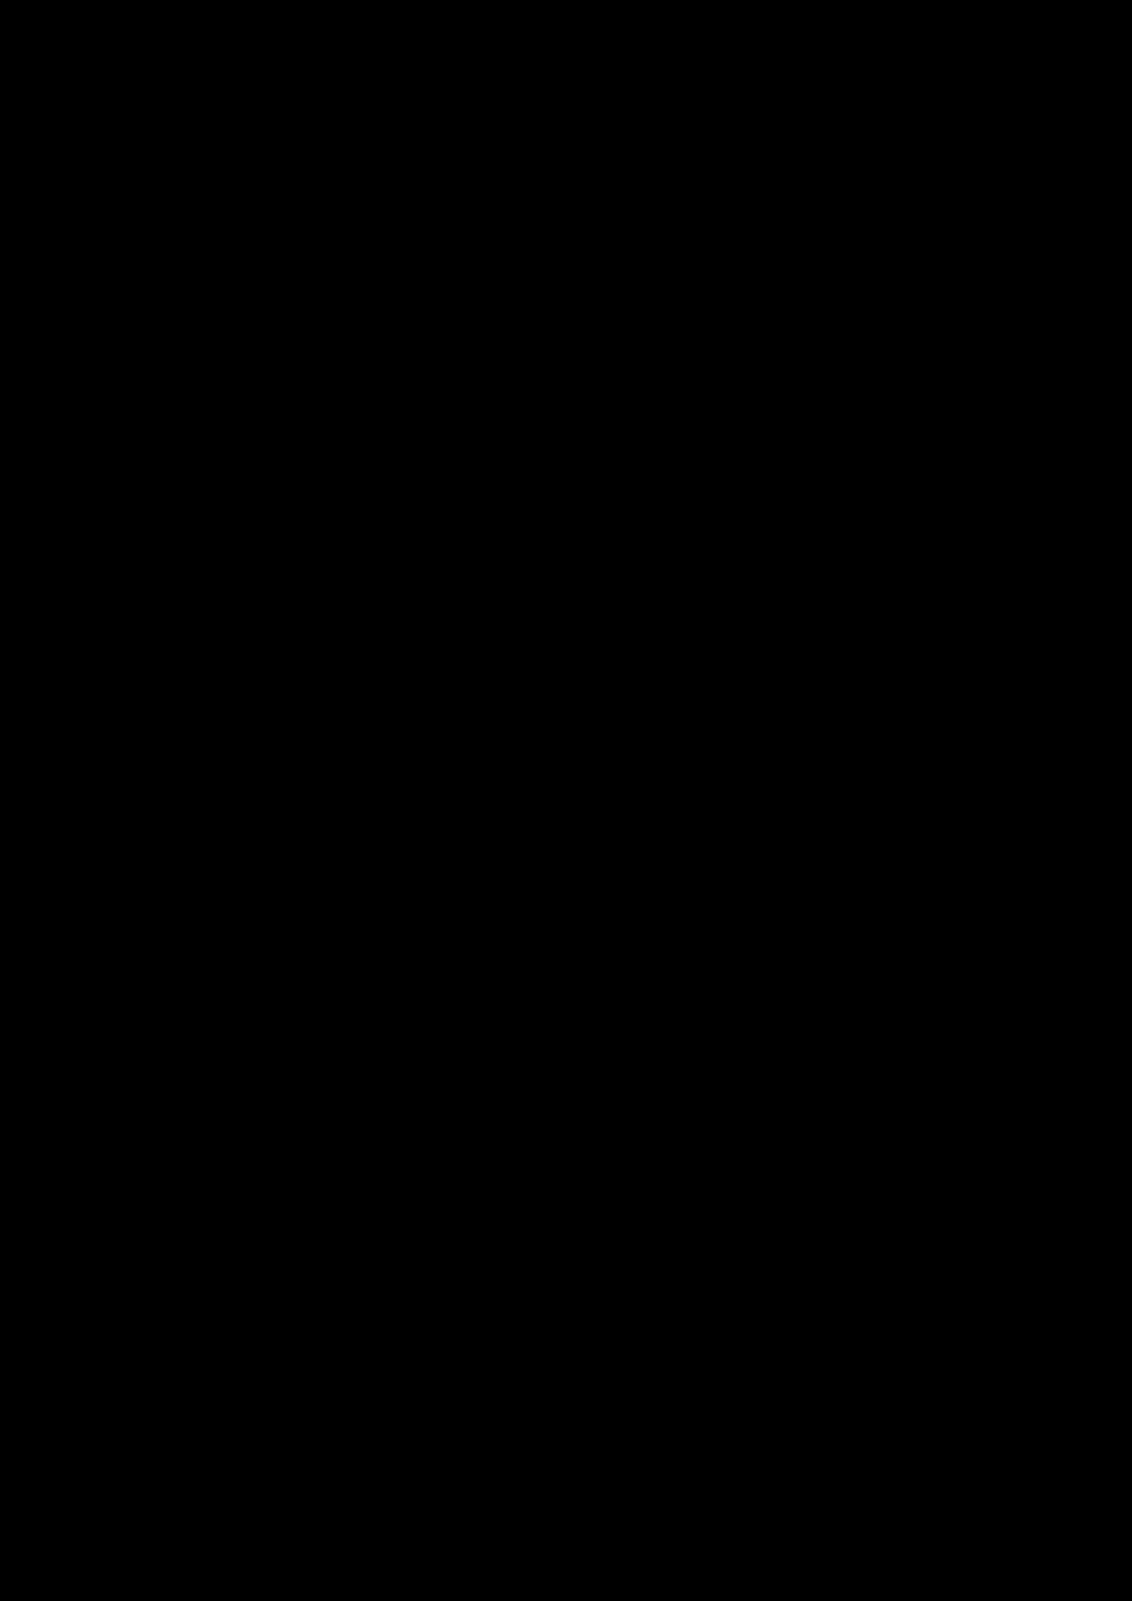 Vyibor Est slide, Image 60